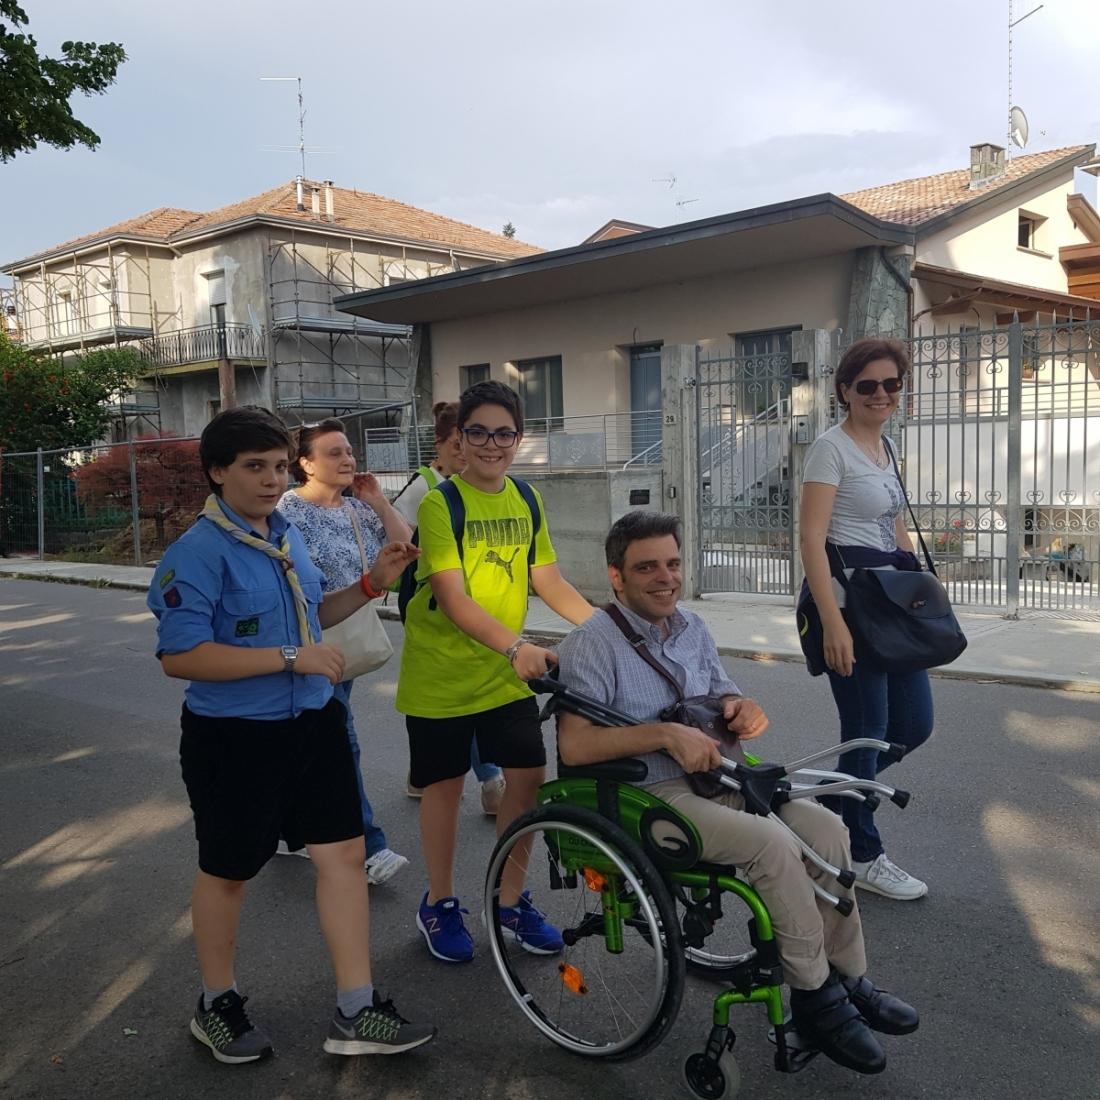 Pellegrinaggio Paderna 2018 (5)